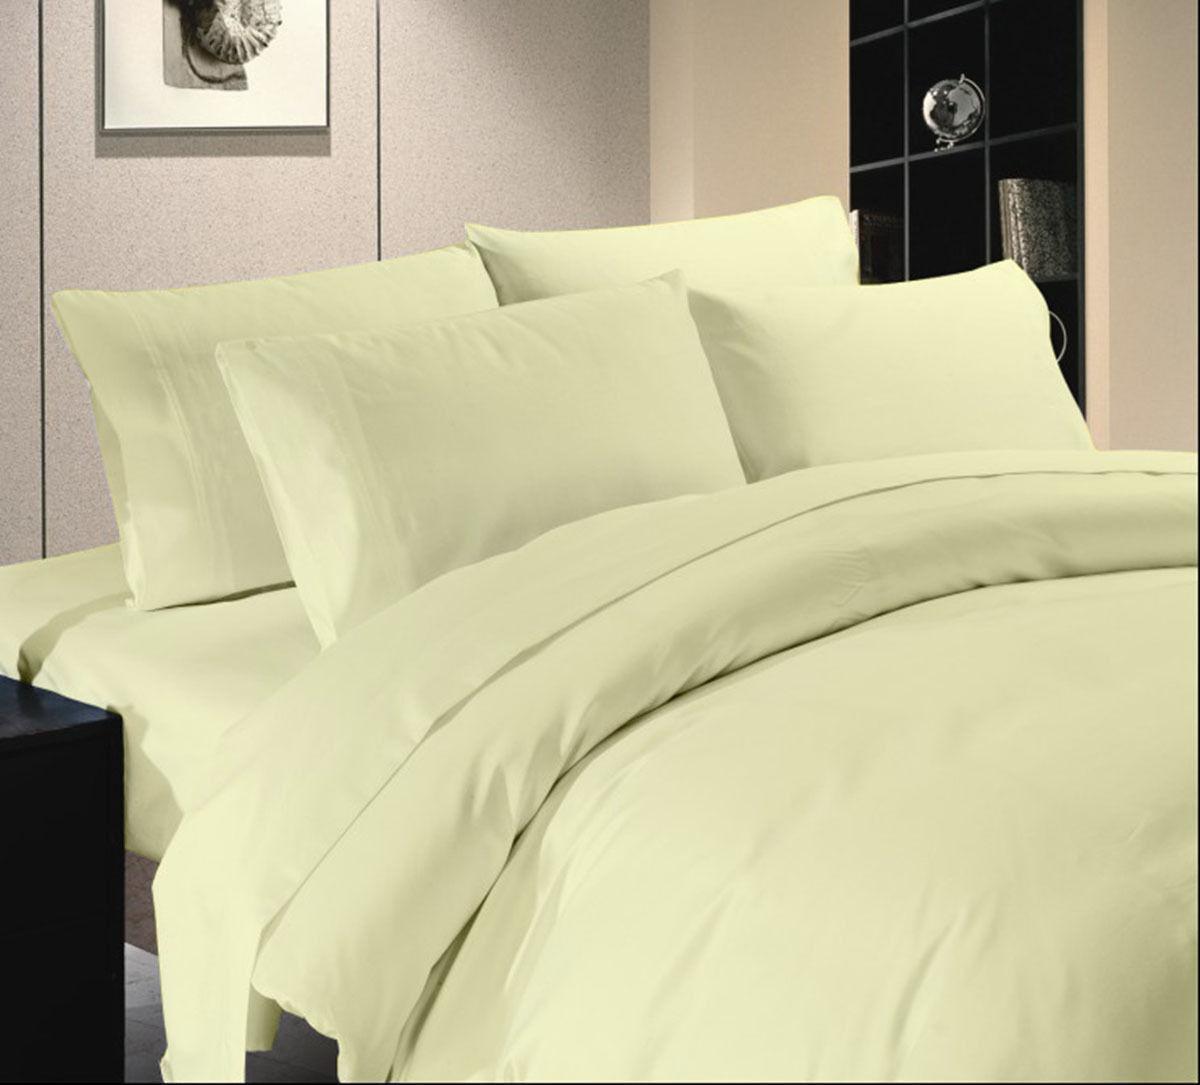 Duvet Set + Fitted Sheet Super König Größe Ivory Solid 1000 TC Egyptian Cotton